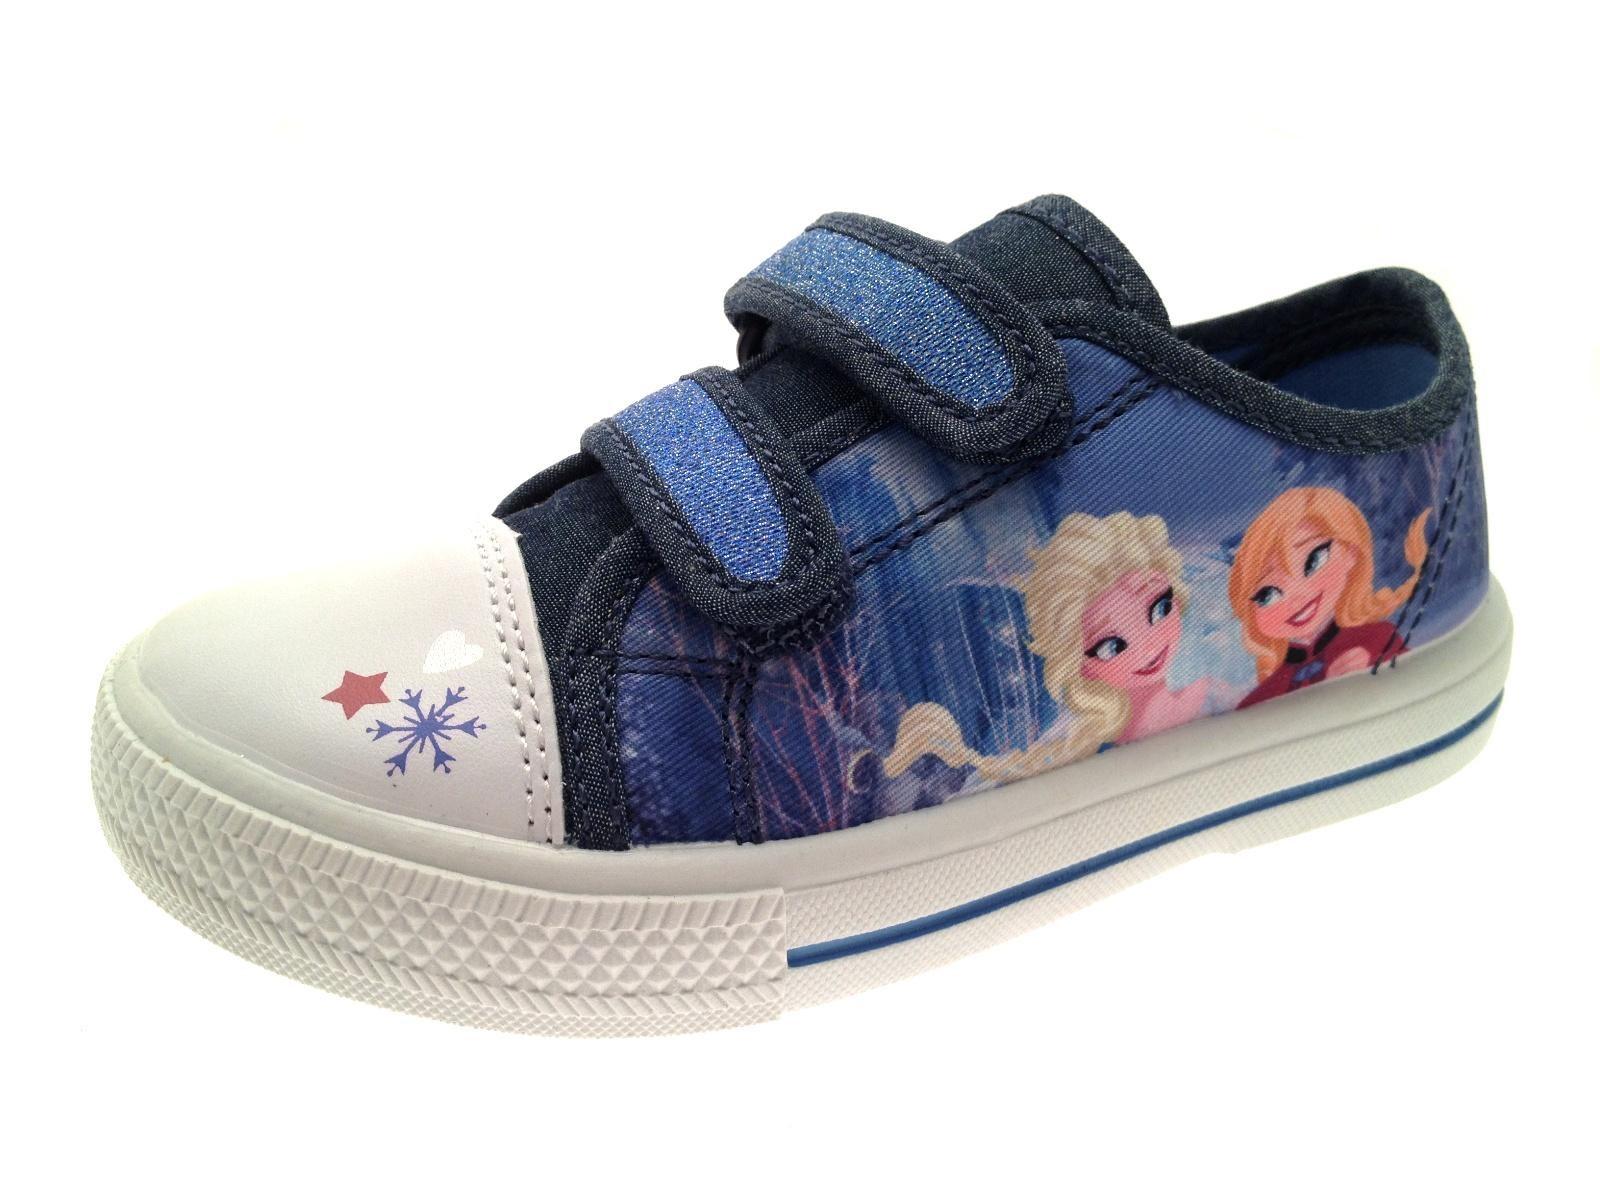 Disney Frozen Canvas Pumps Anna Elsa Flat Shoes Trainers Childrens Size 6-12